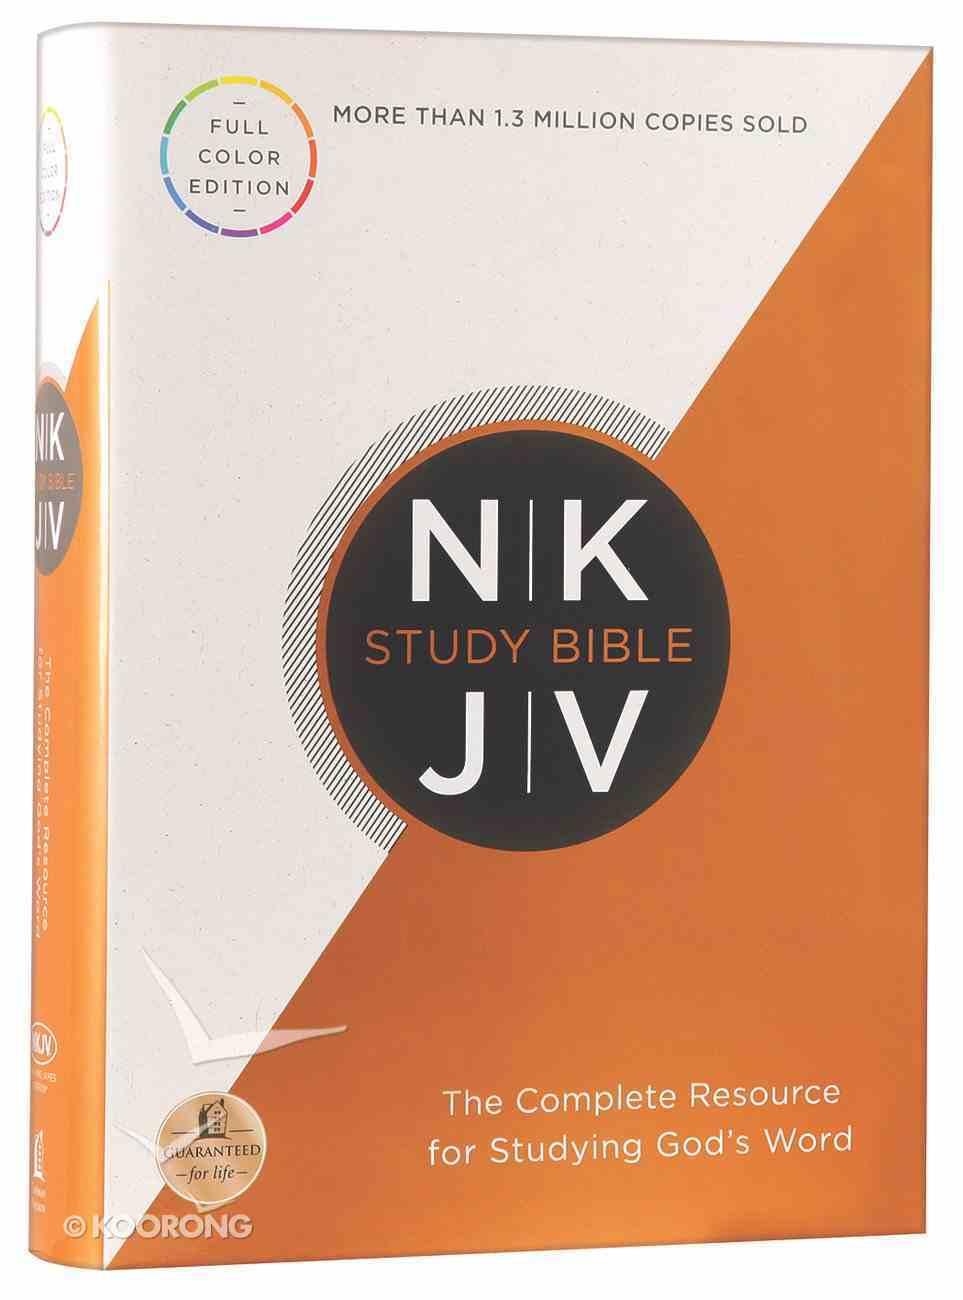 NKJV Study Bible (Red Letter Edition) (Full-color Edition) Hardback